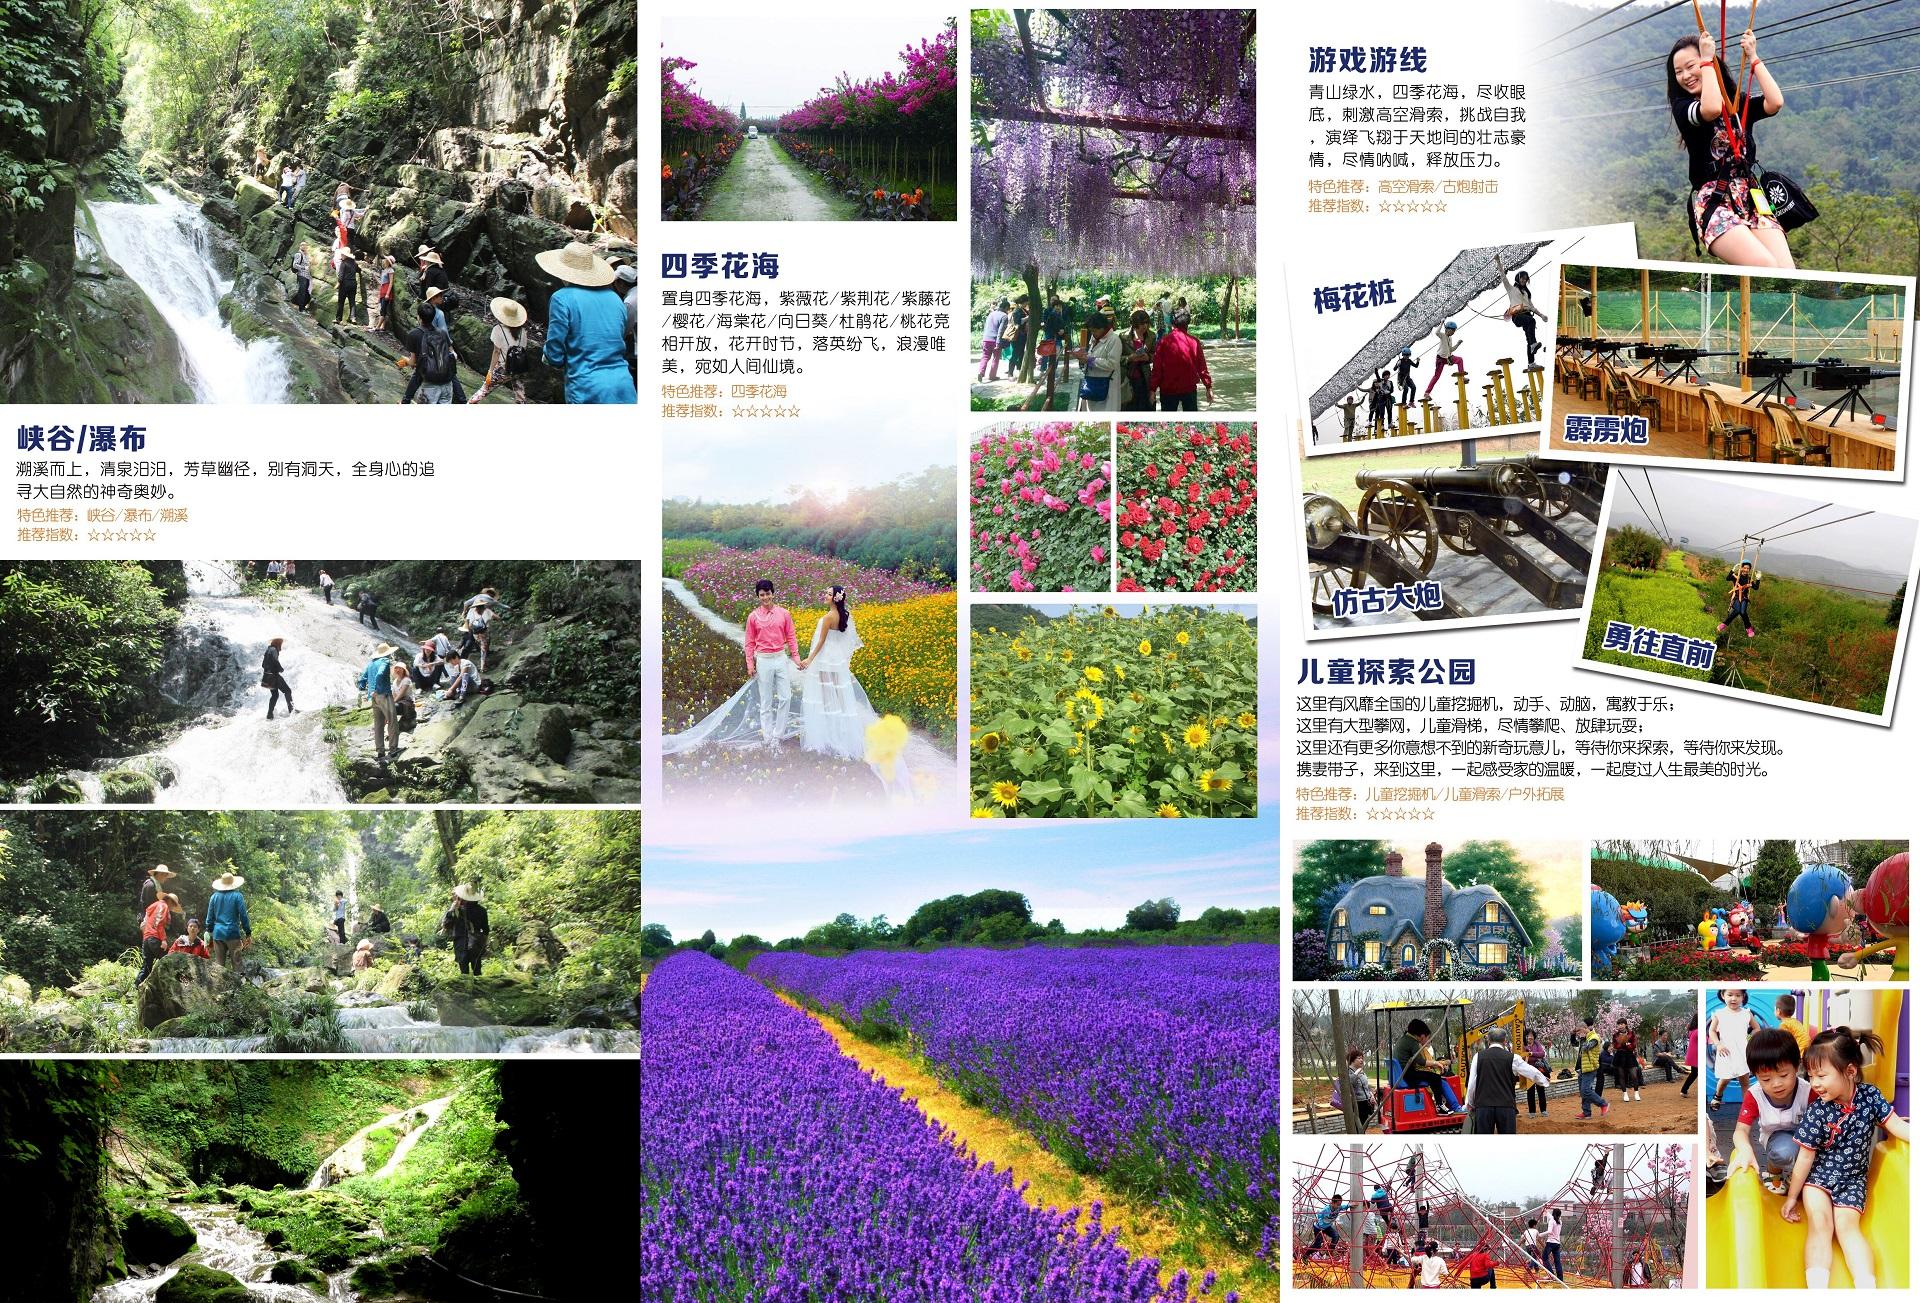 九凤谷 三峡九凤谷生态旅游度假区